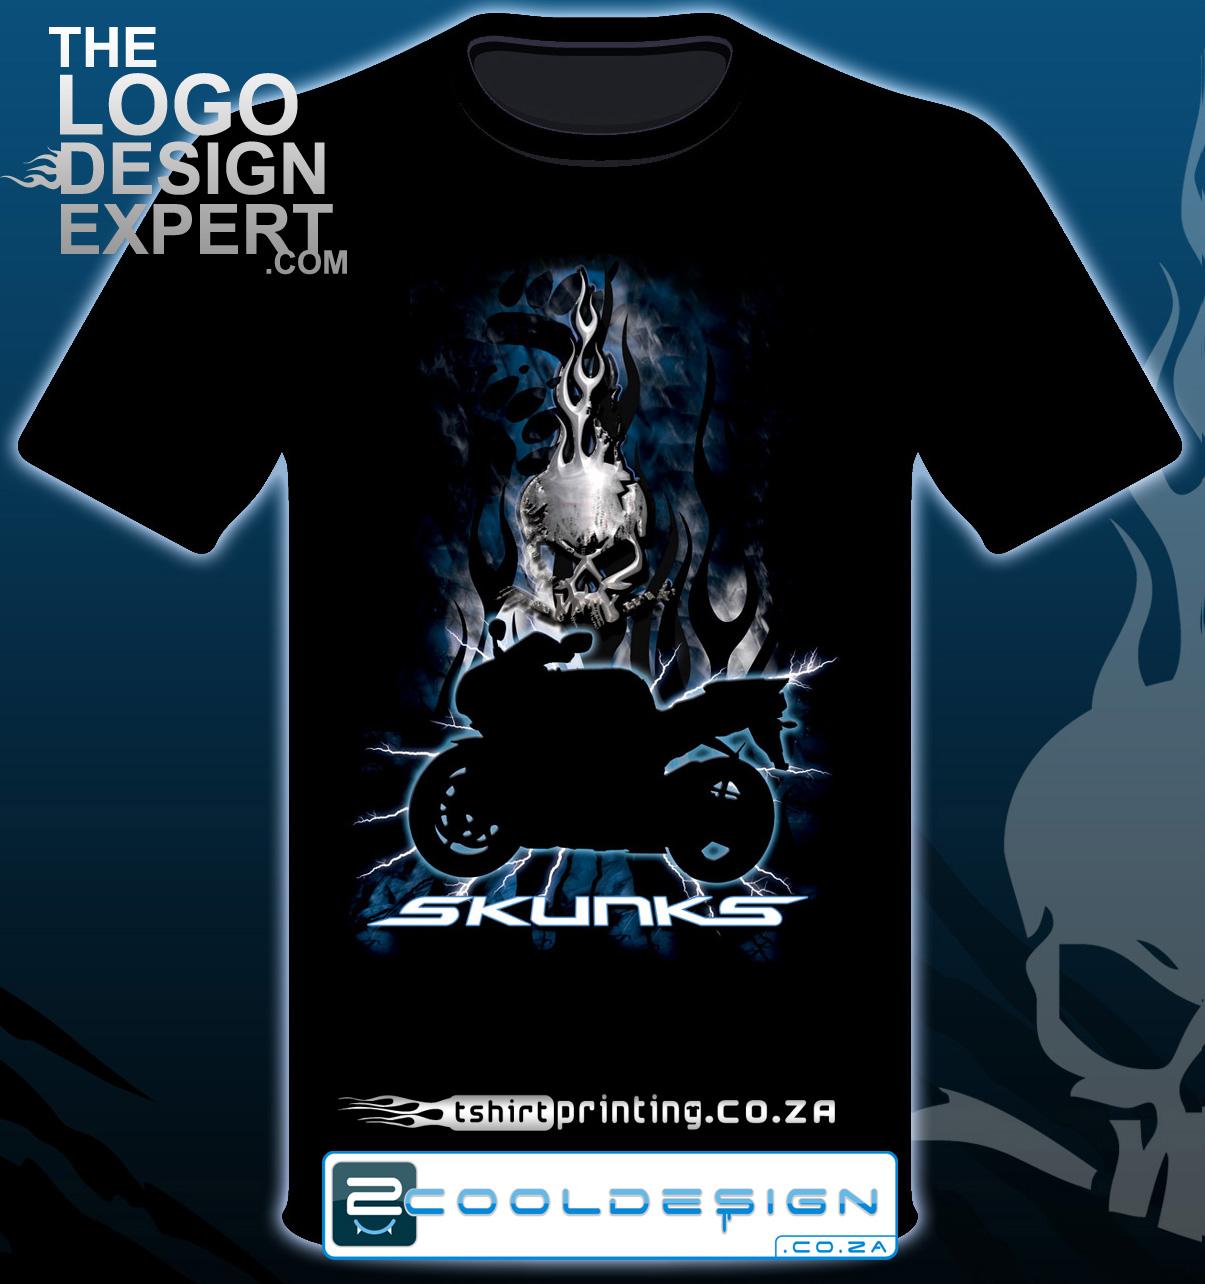 dtg printers tshirt printing business